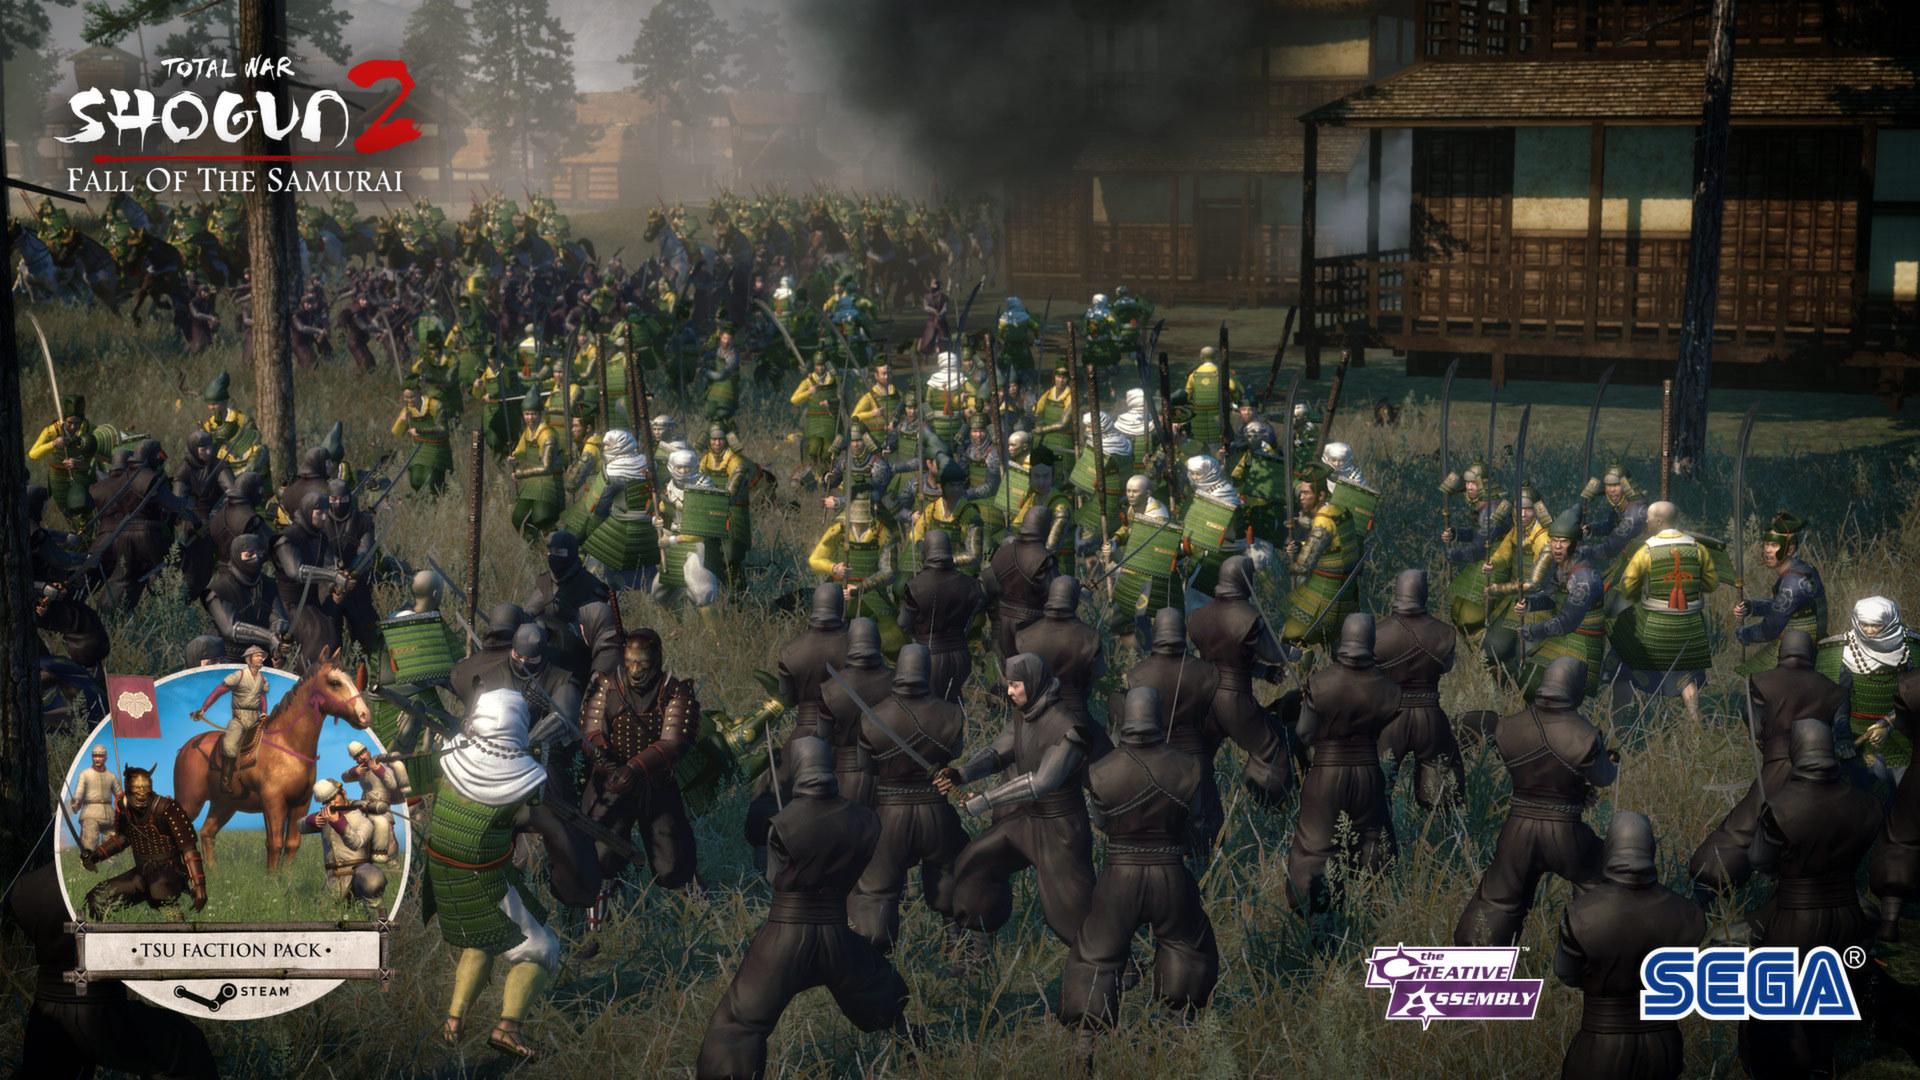 Download total war shogun 2.